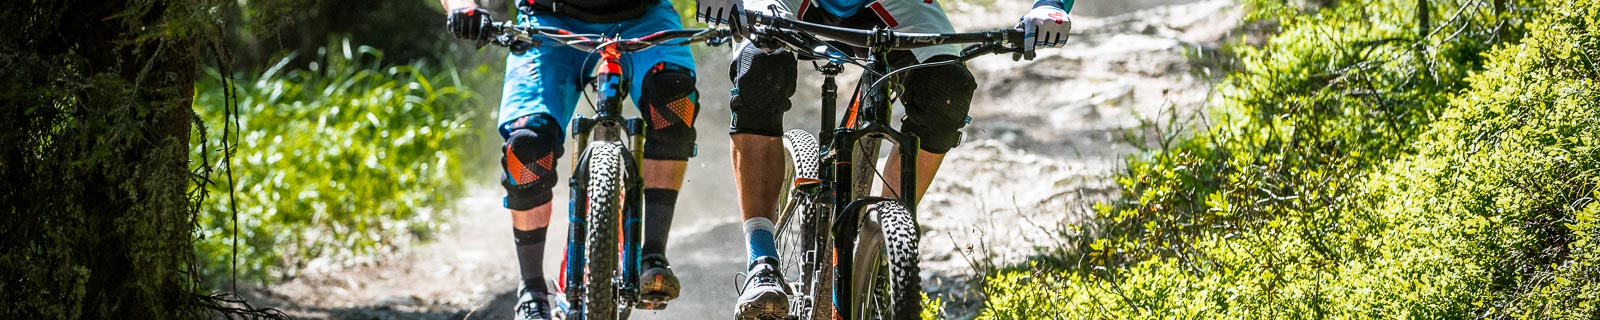 Fully Mountainbikes